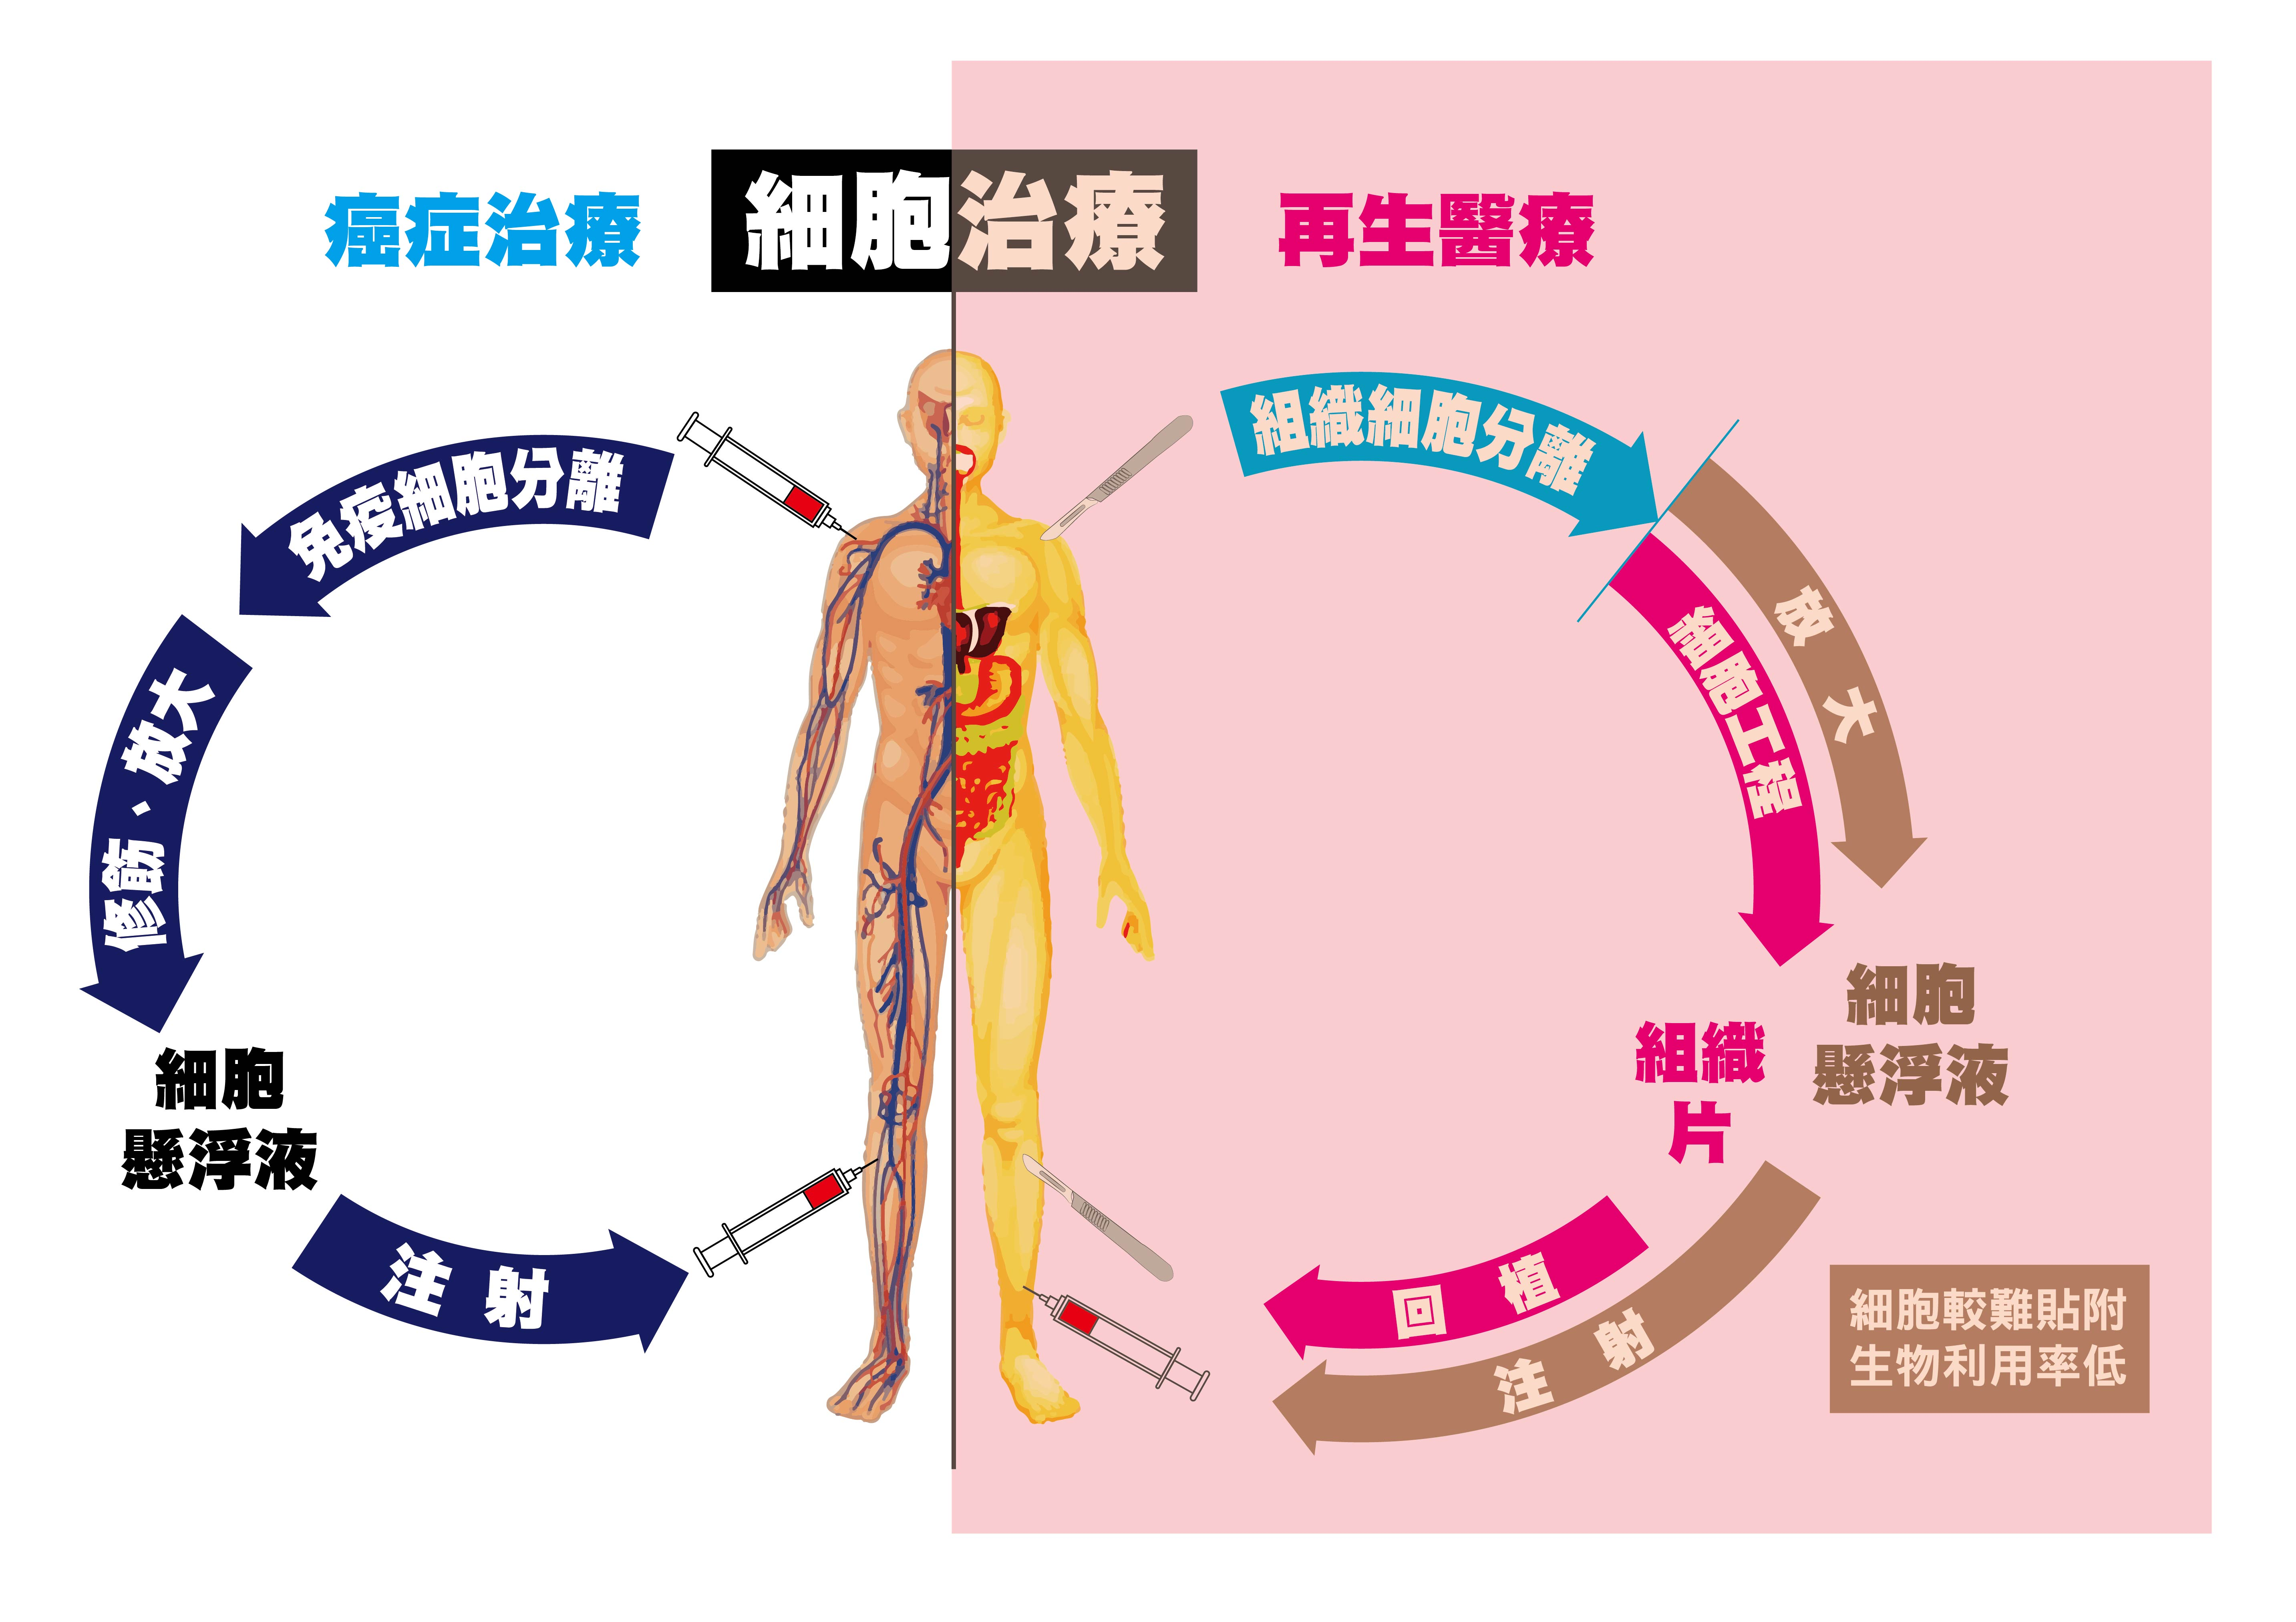 再生醫學導向細胞治療示意圖